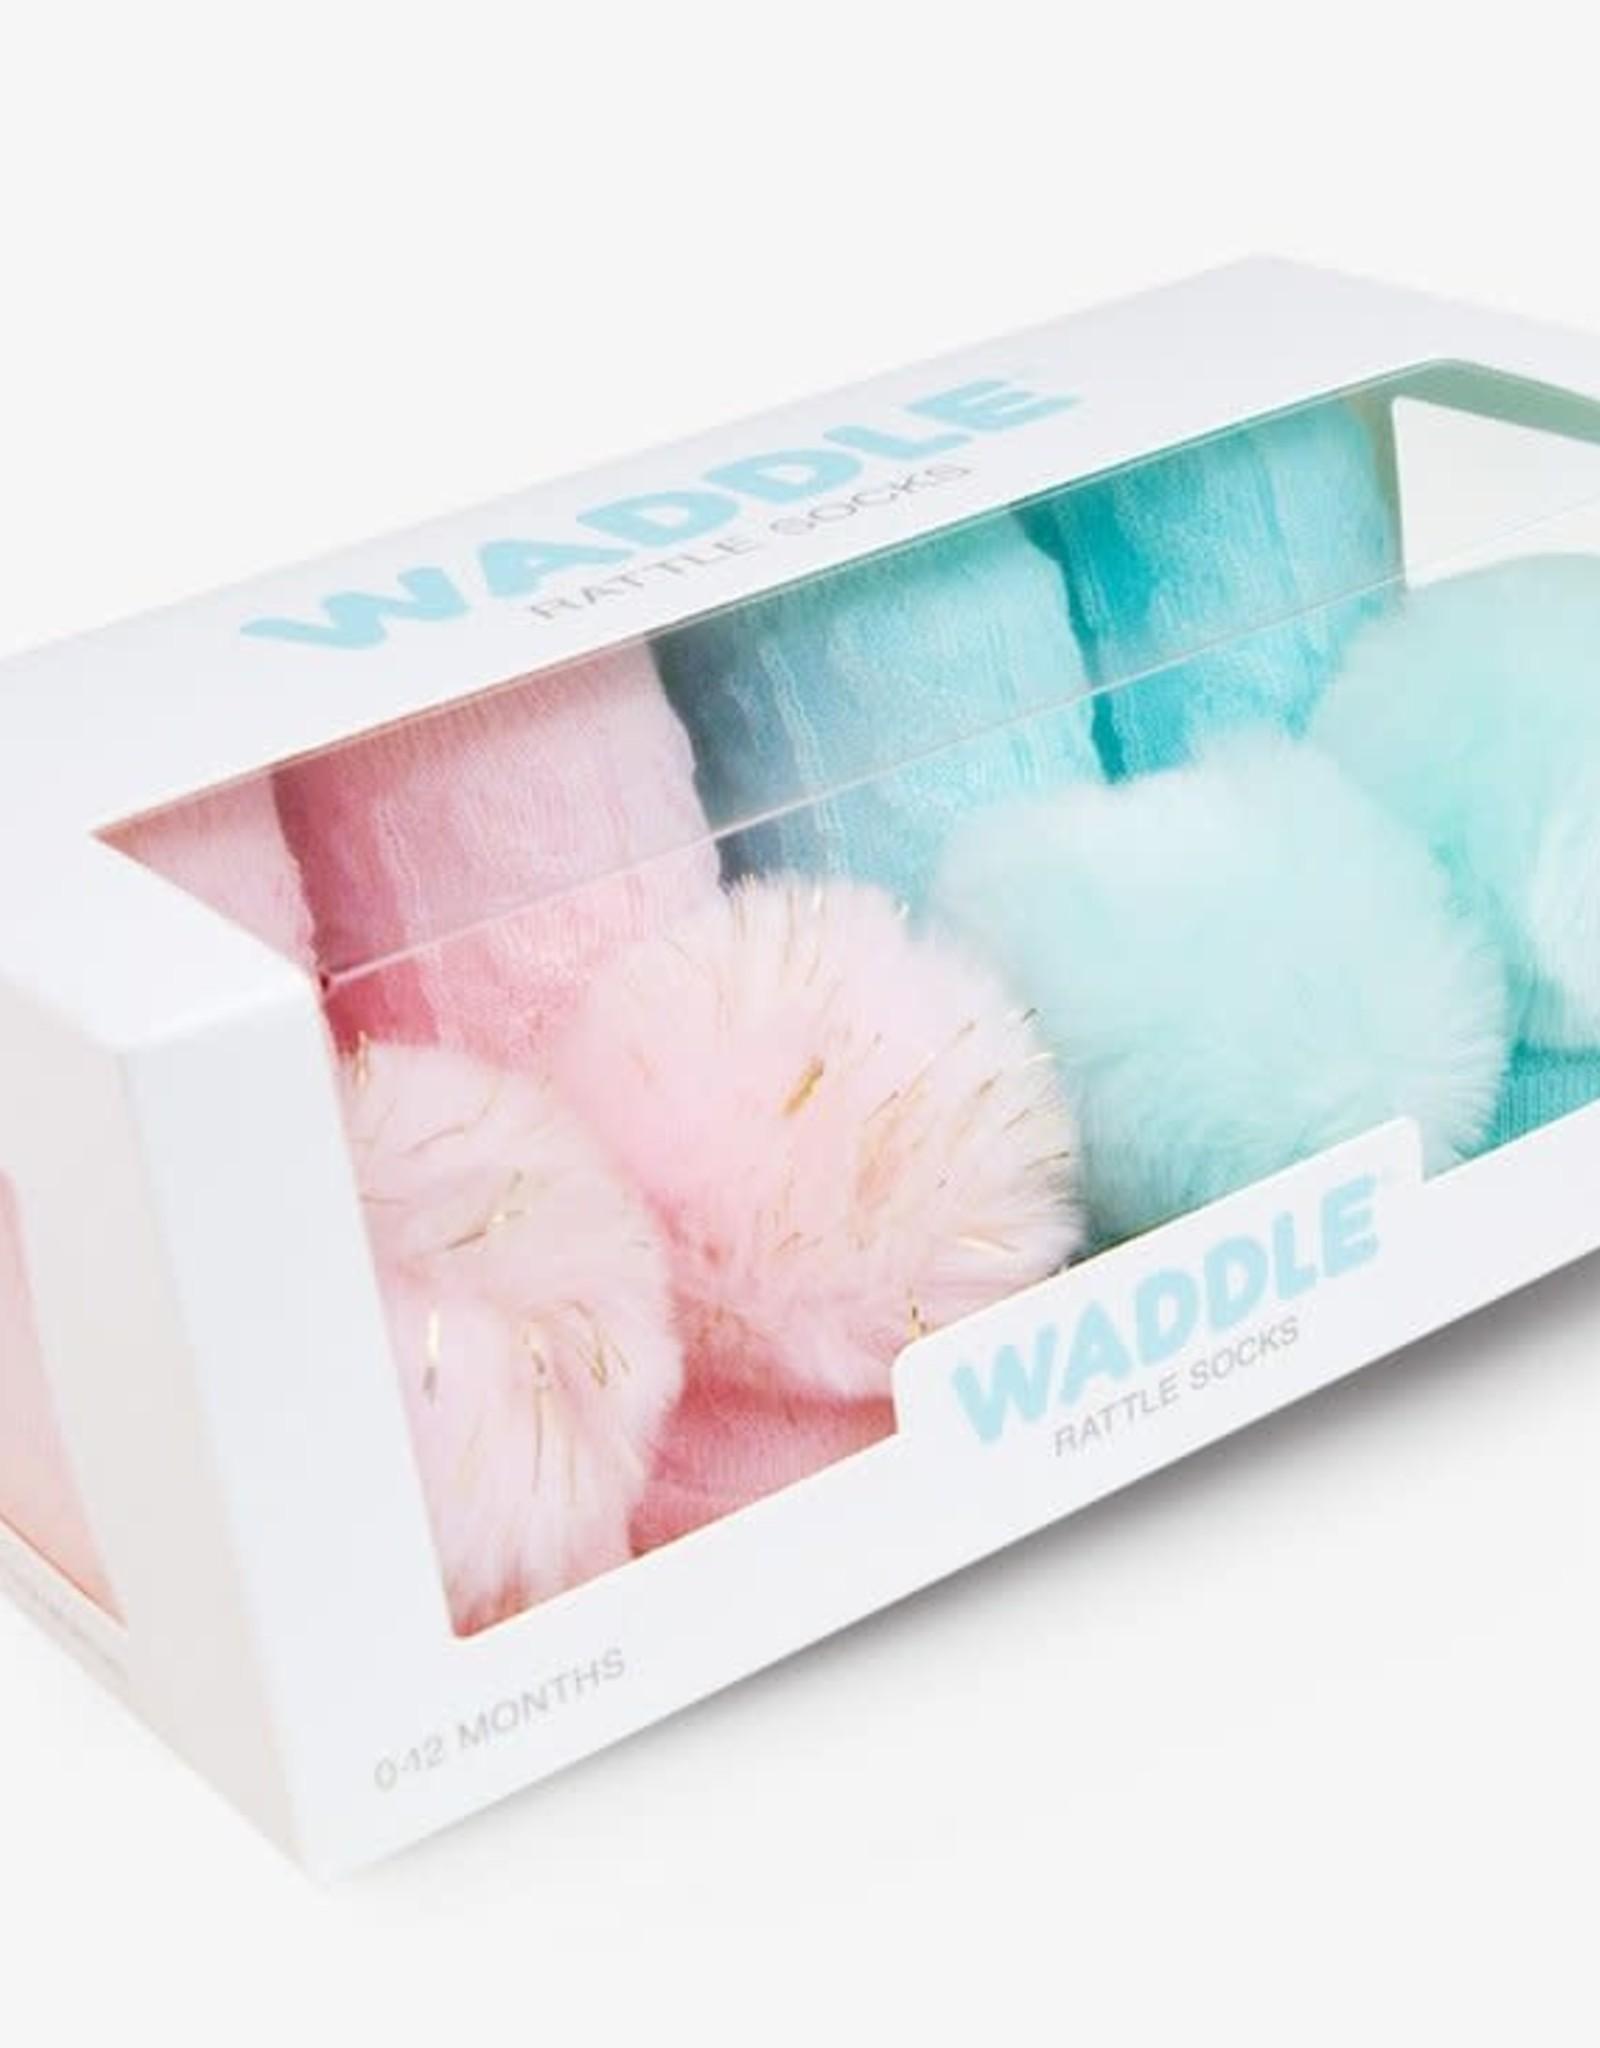 Waddle PomPom Rattle Socks Lt Pink/Aqua